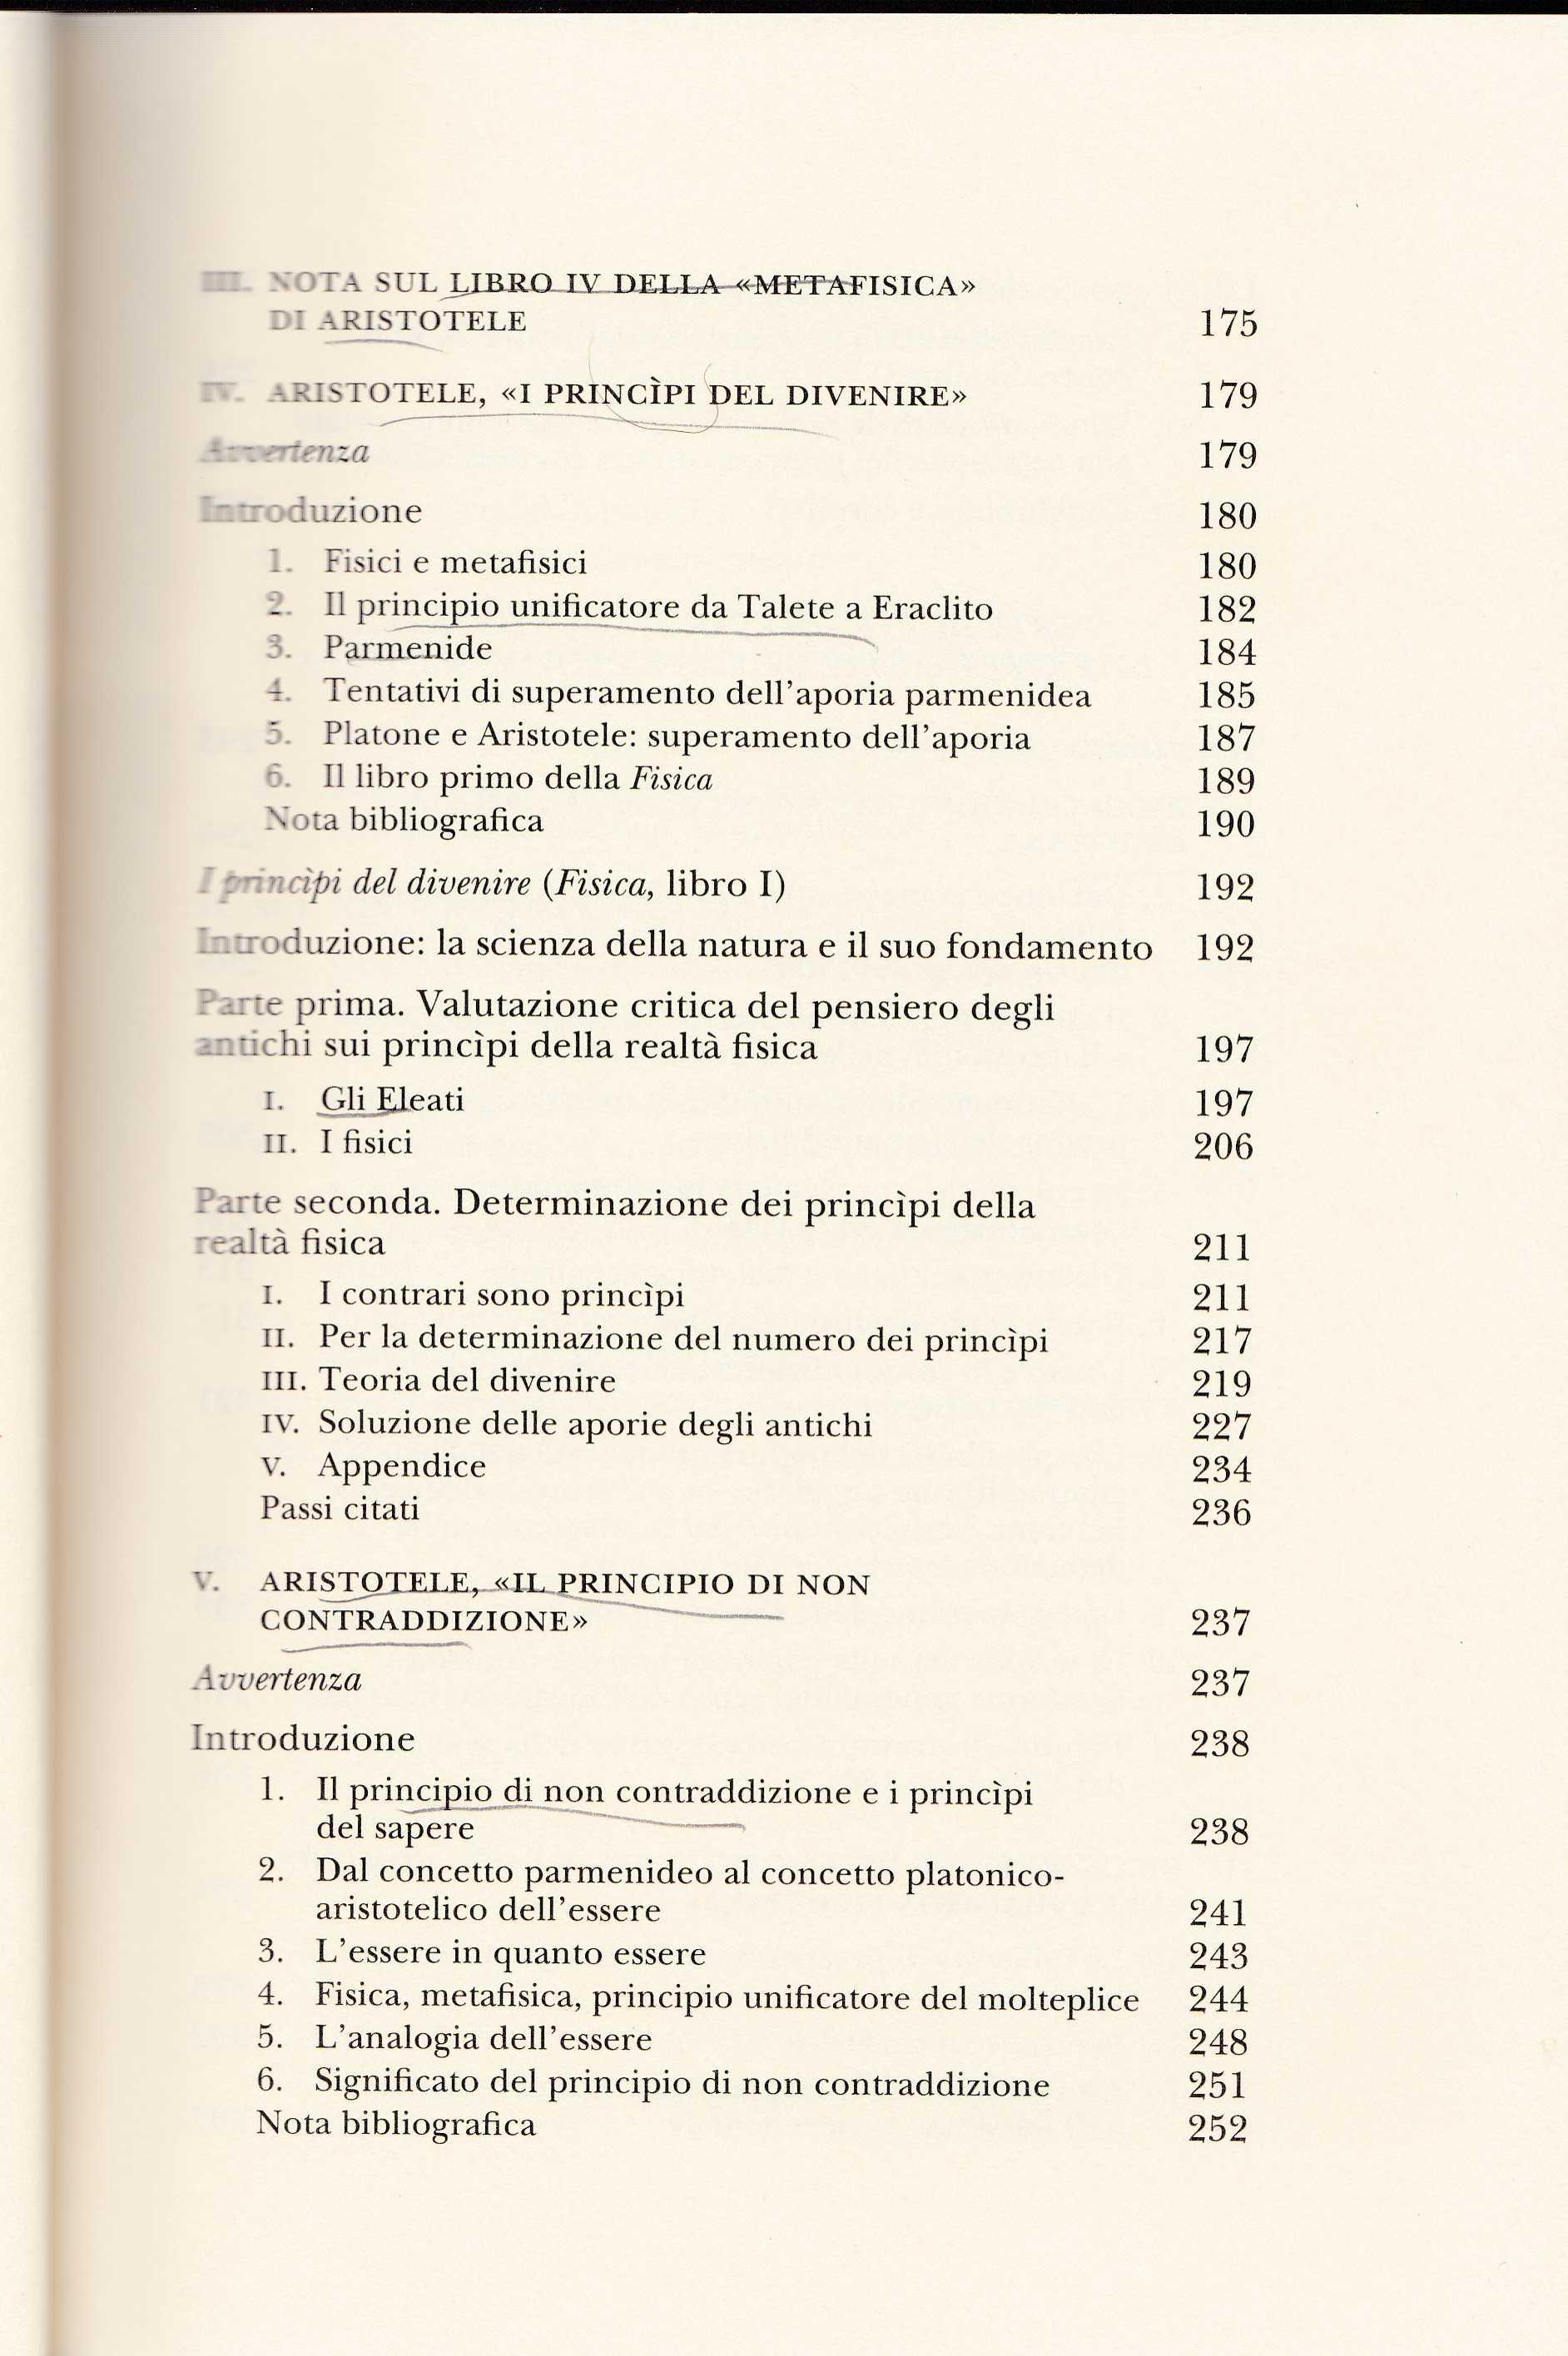 fondamentocontraddizione4337